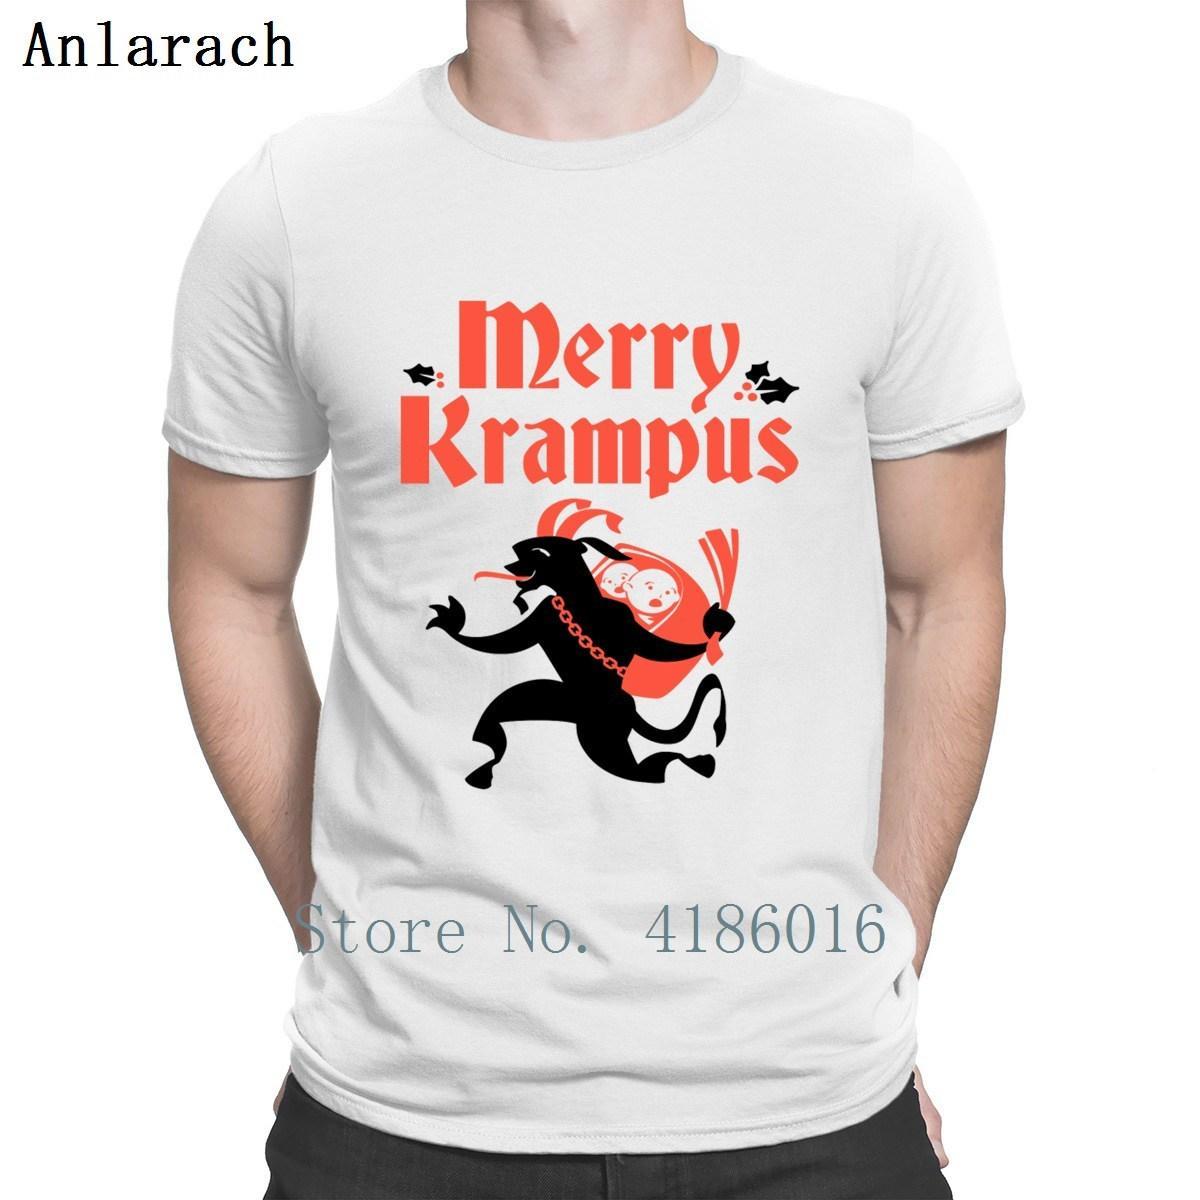 Веселая футболка с надписью Merry Krampus, стандартная весенняя футболка с круглым вырезом, базовая однотонная хлопчатобумажная рубашка с принтом